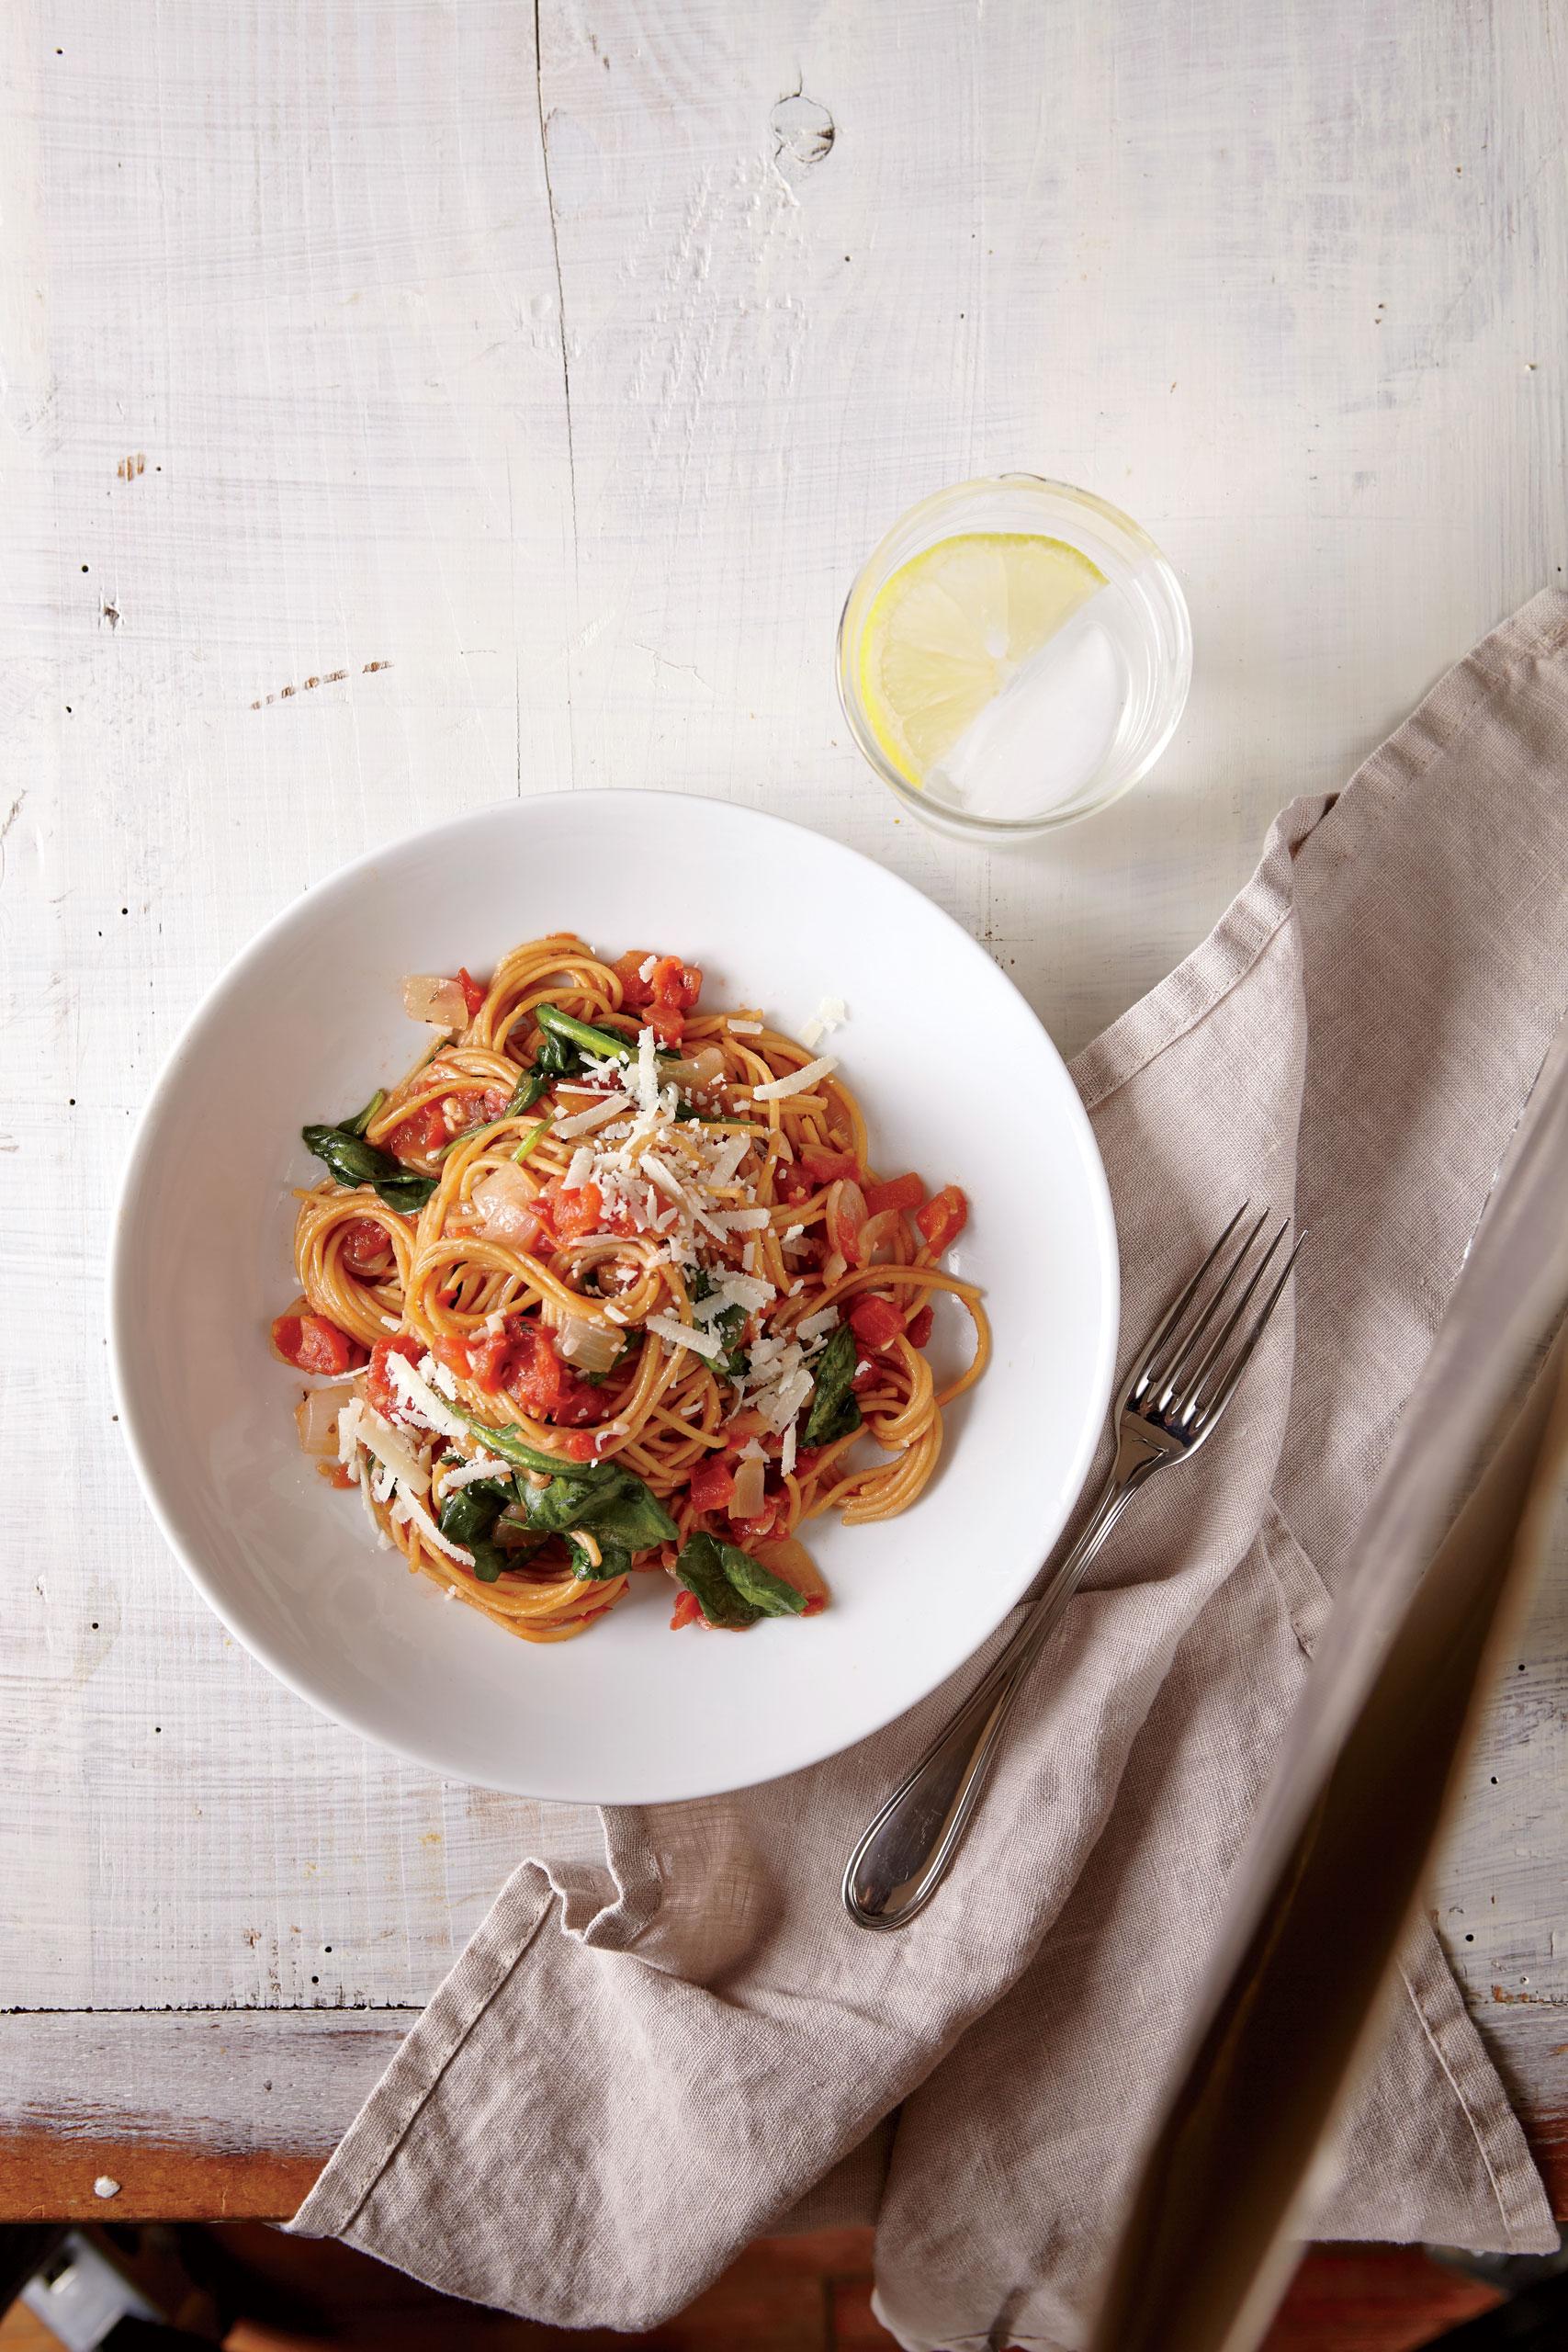 Flotus Michelle Obama Recipes: Pasta